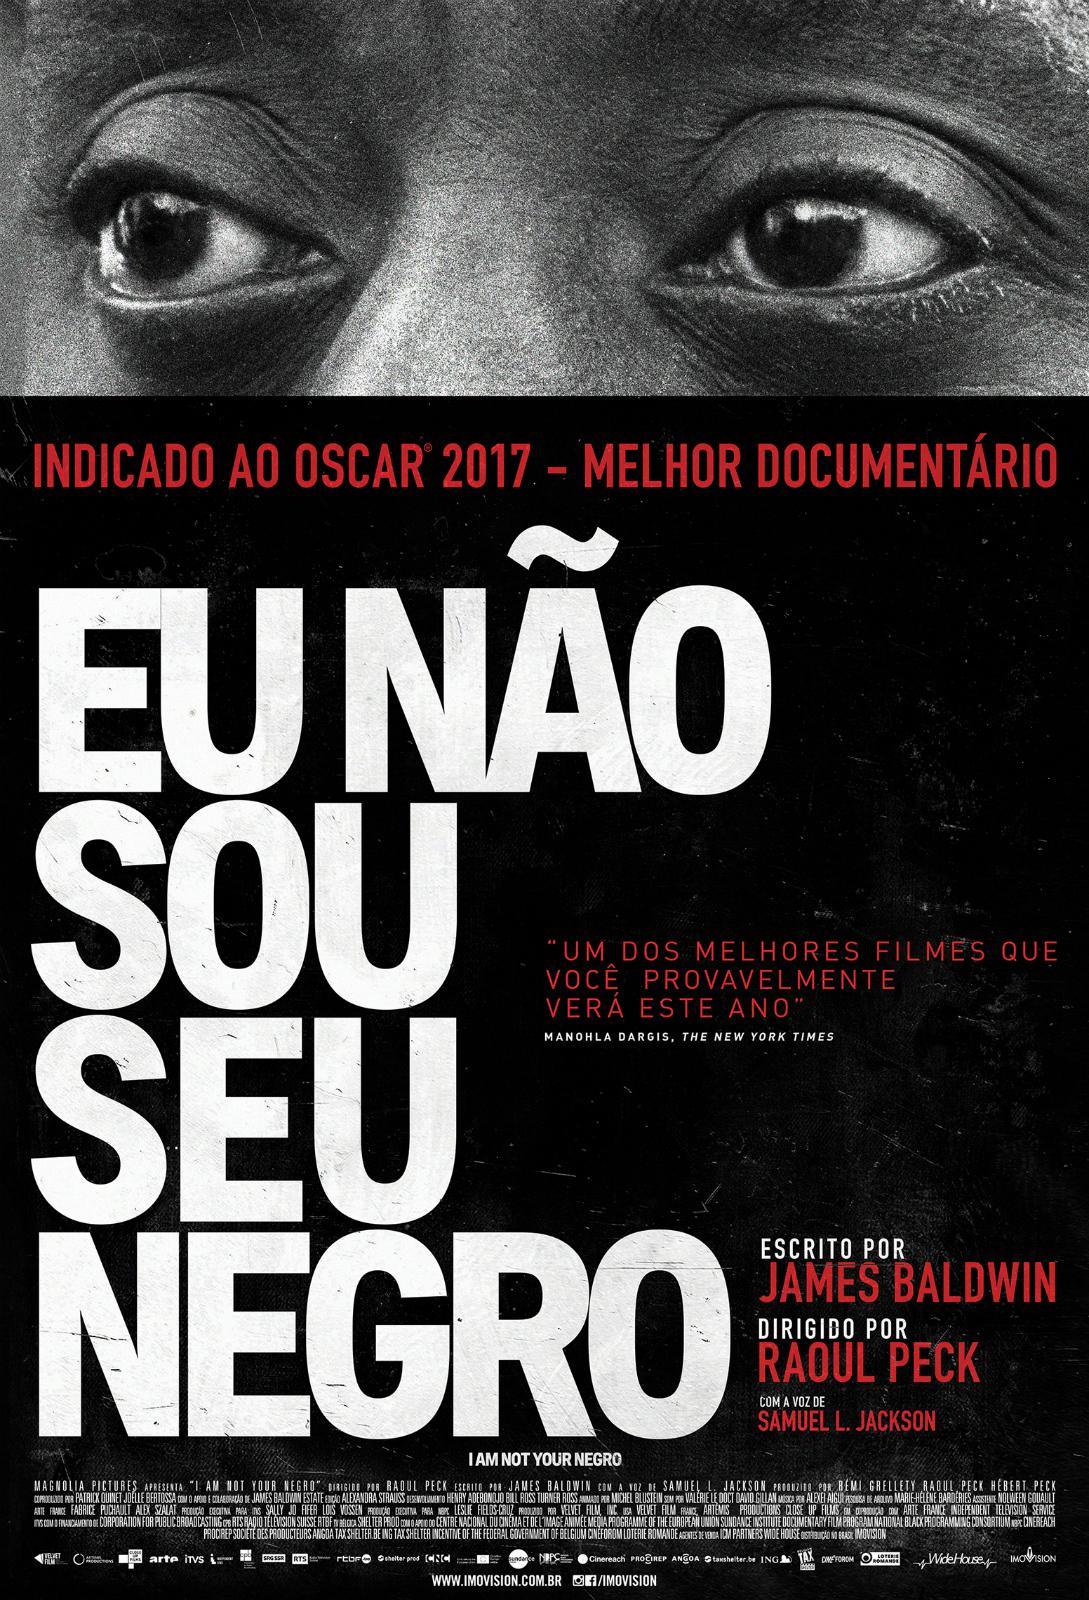 Filmes sobre racismo e desigualdade racial